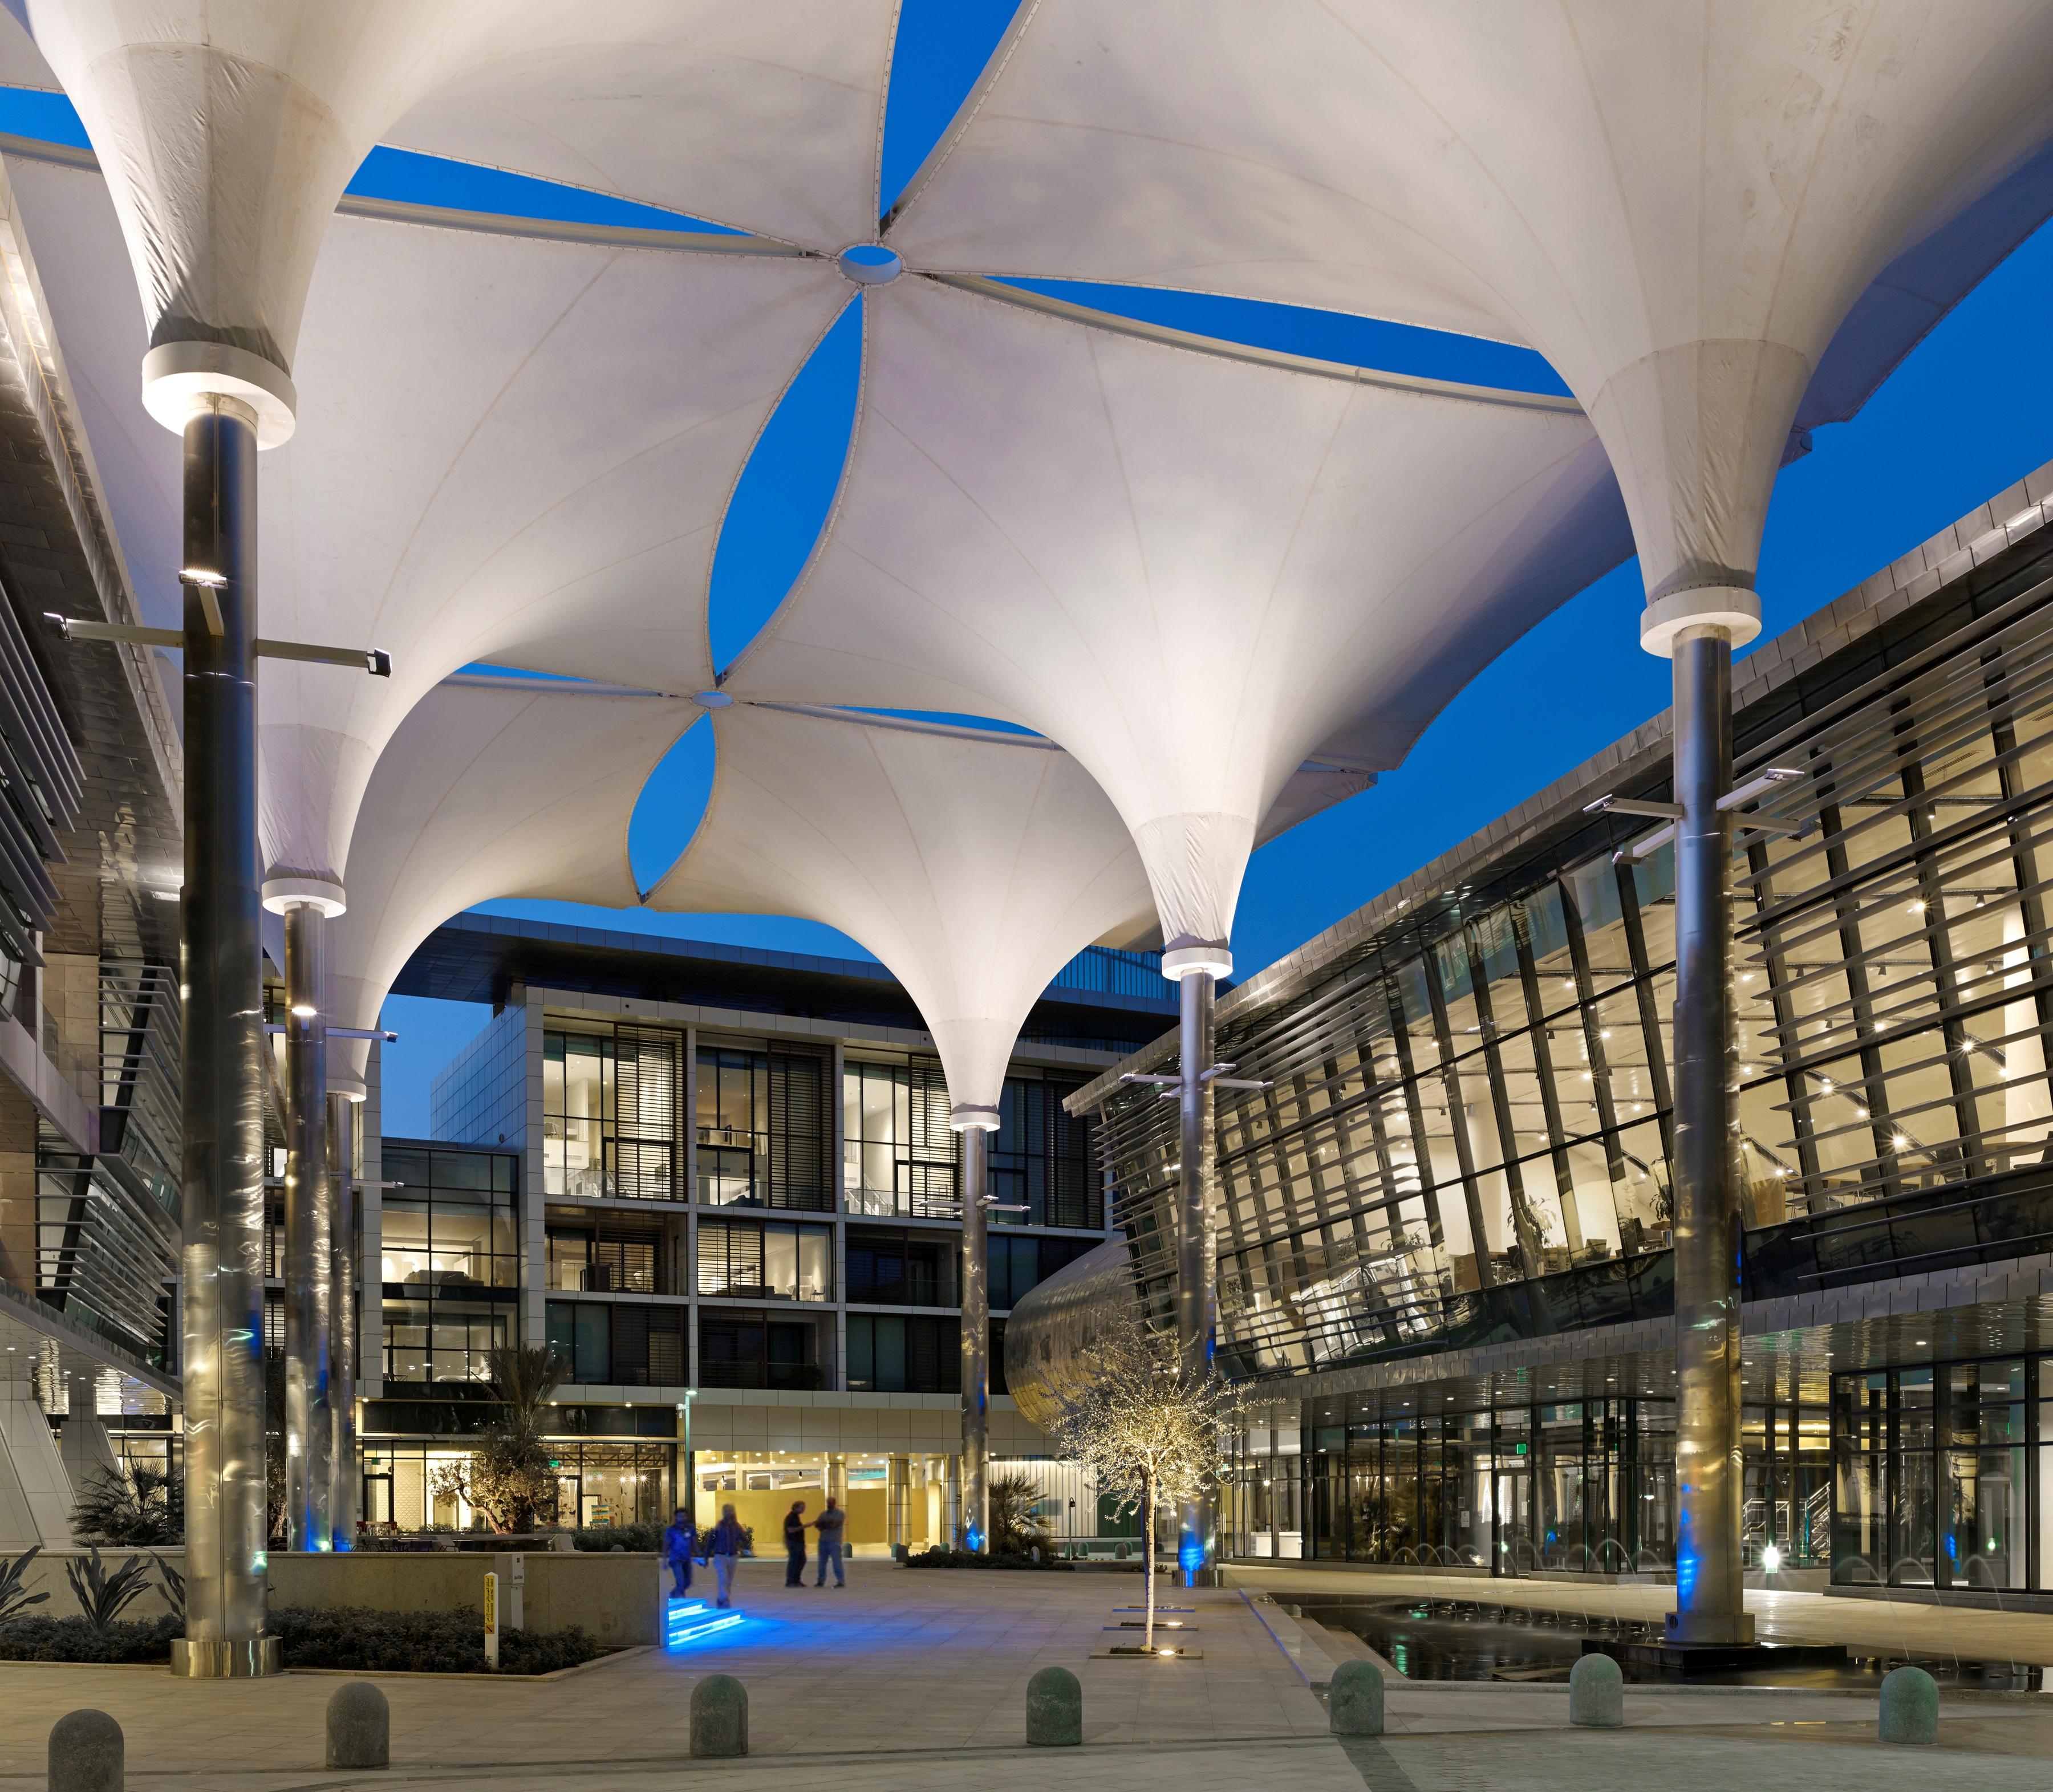 مركز-الملك-عبدالله-للدراسات-و-البحوث-البترولية